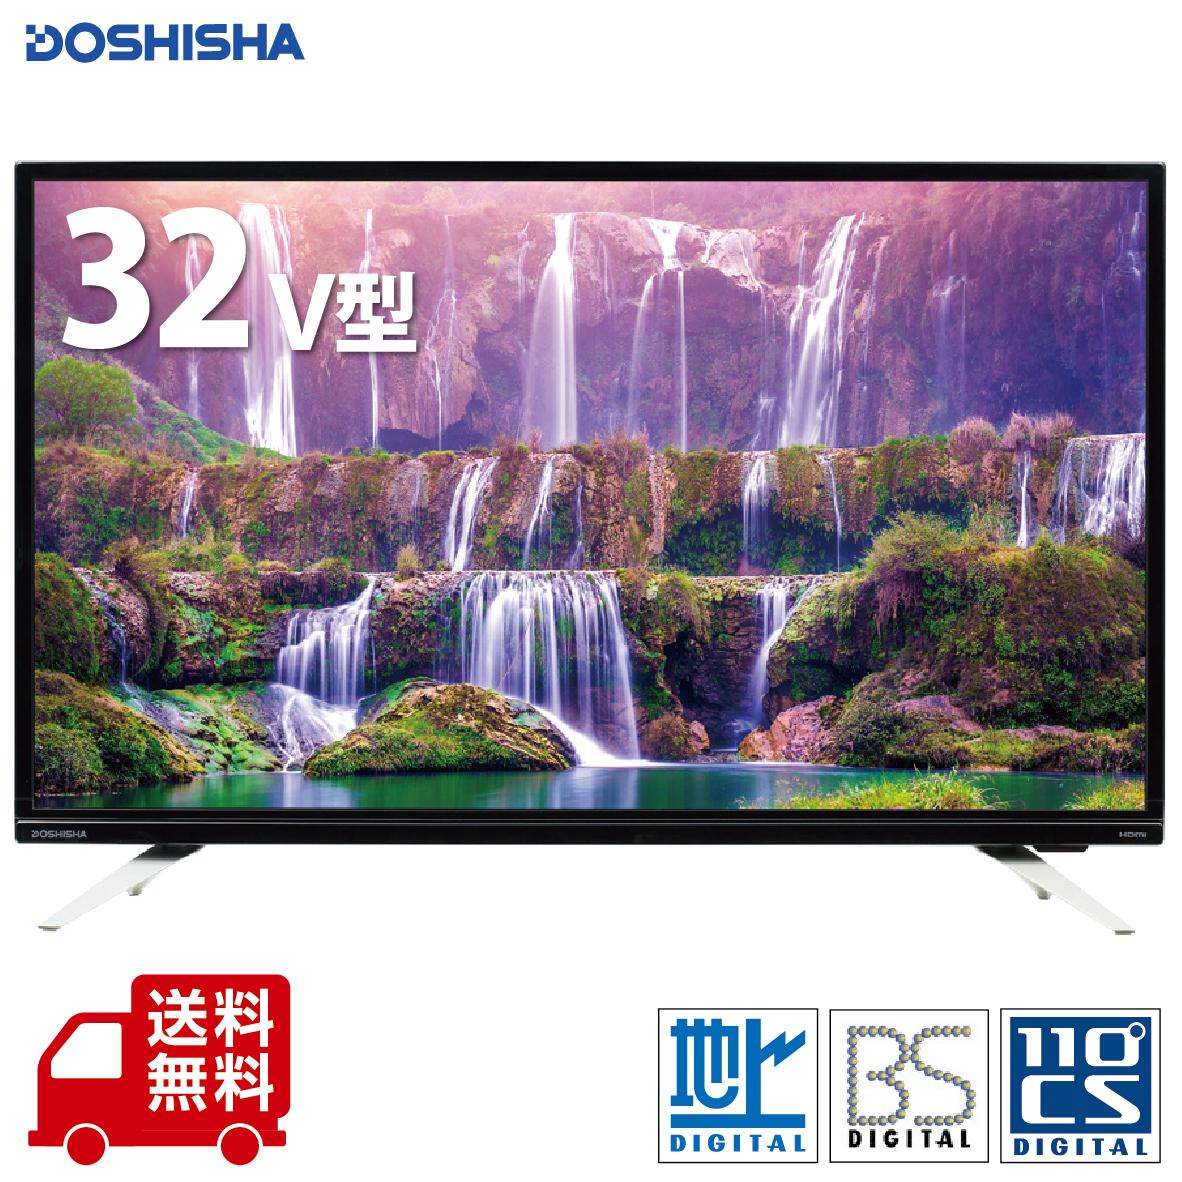 ドウシシャ 32V型地上・BS・110度CSデジタル ハイビジョンLED液晶テレビ DOL32H100